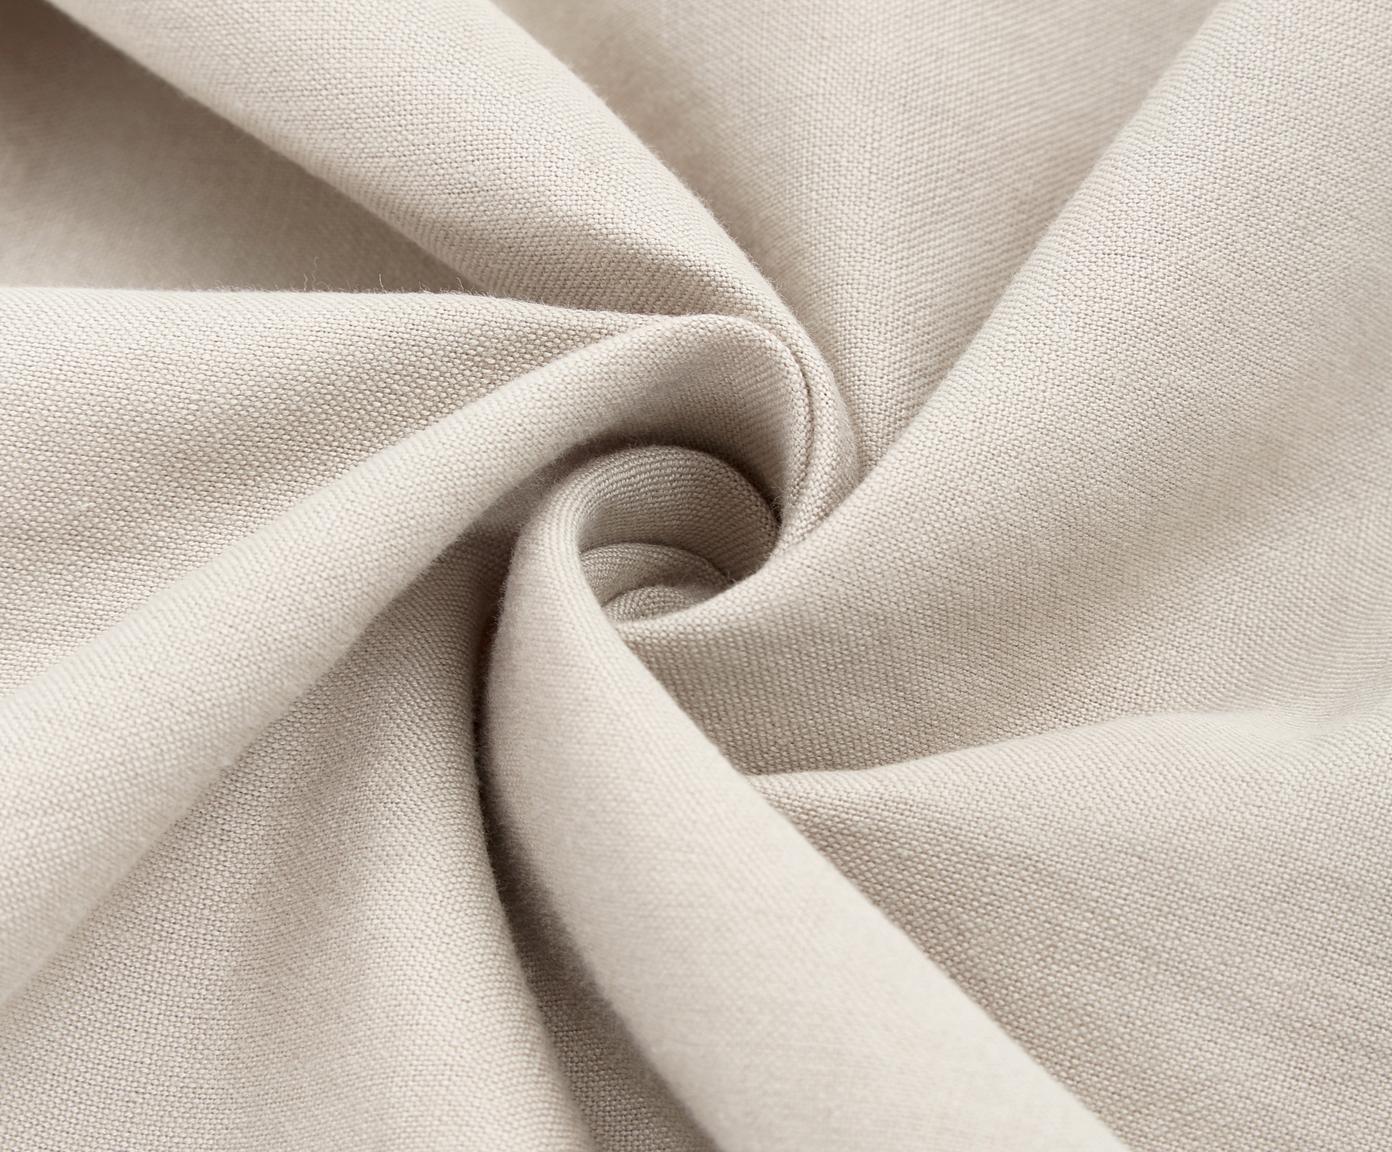 Pościel z lnu z efektem sprania Helena, Pół len (52% len, 48% bawełna) Z efektem stonewash zapewniającym miękkość w dotyku, Beżowy, 240 x 220 cm